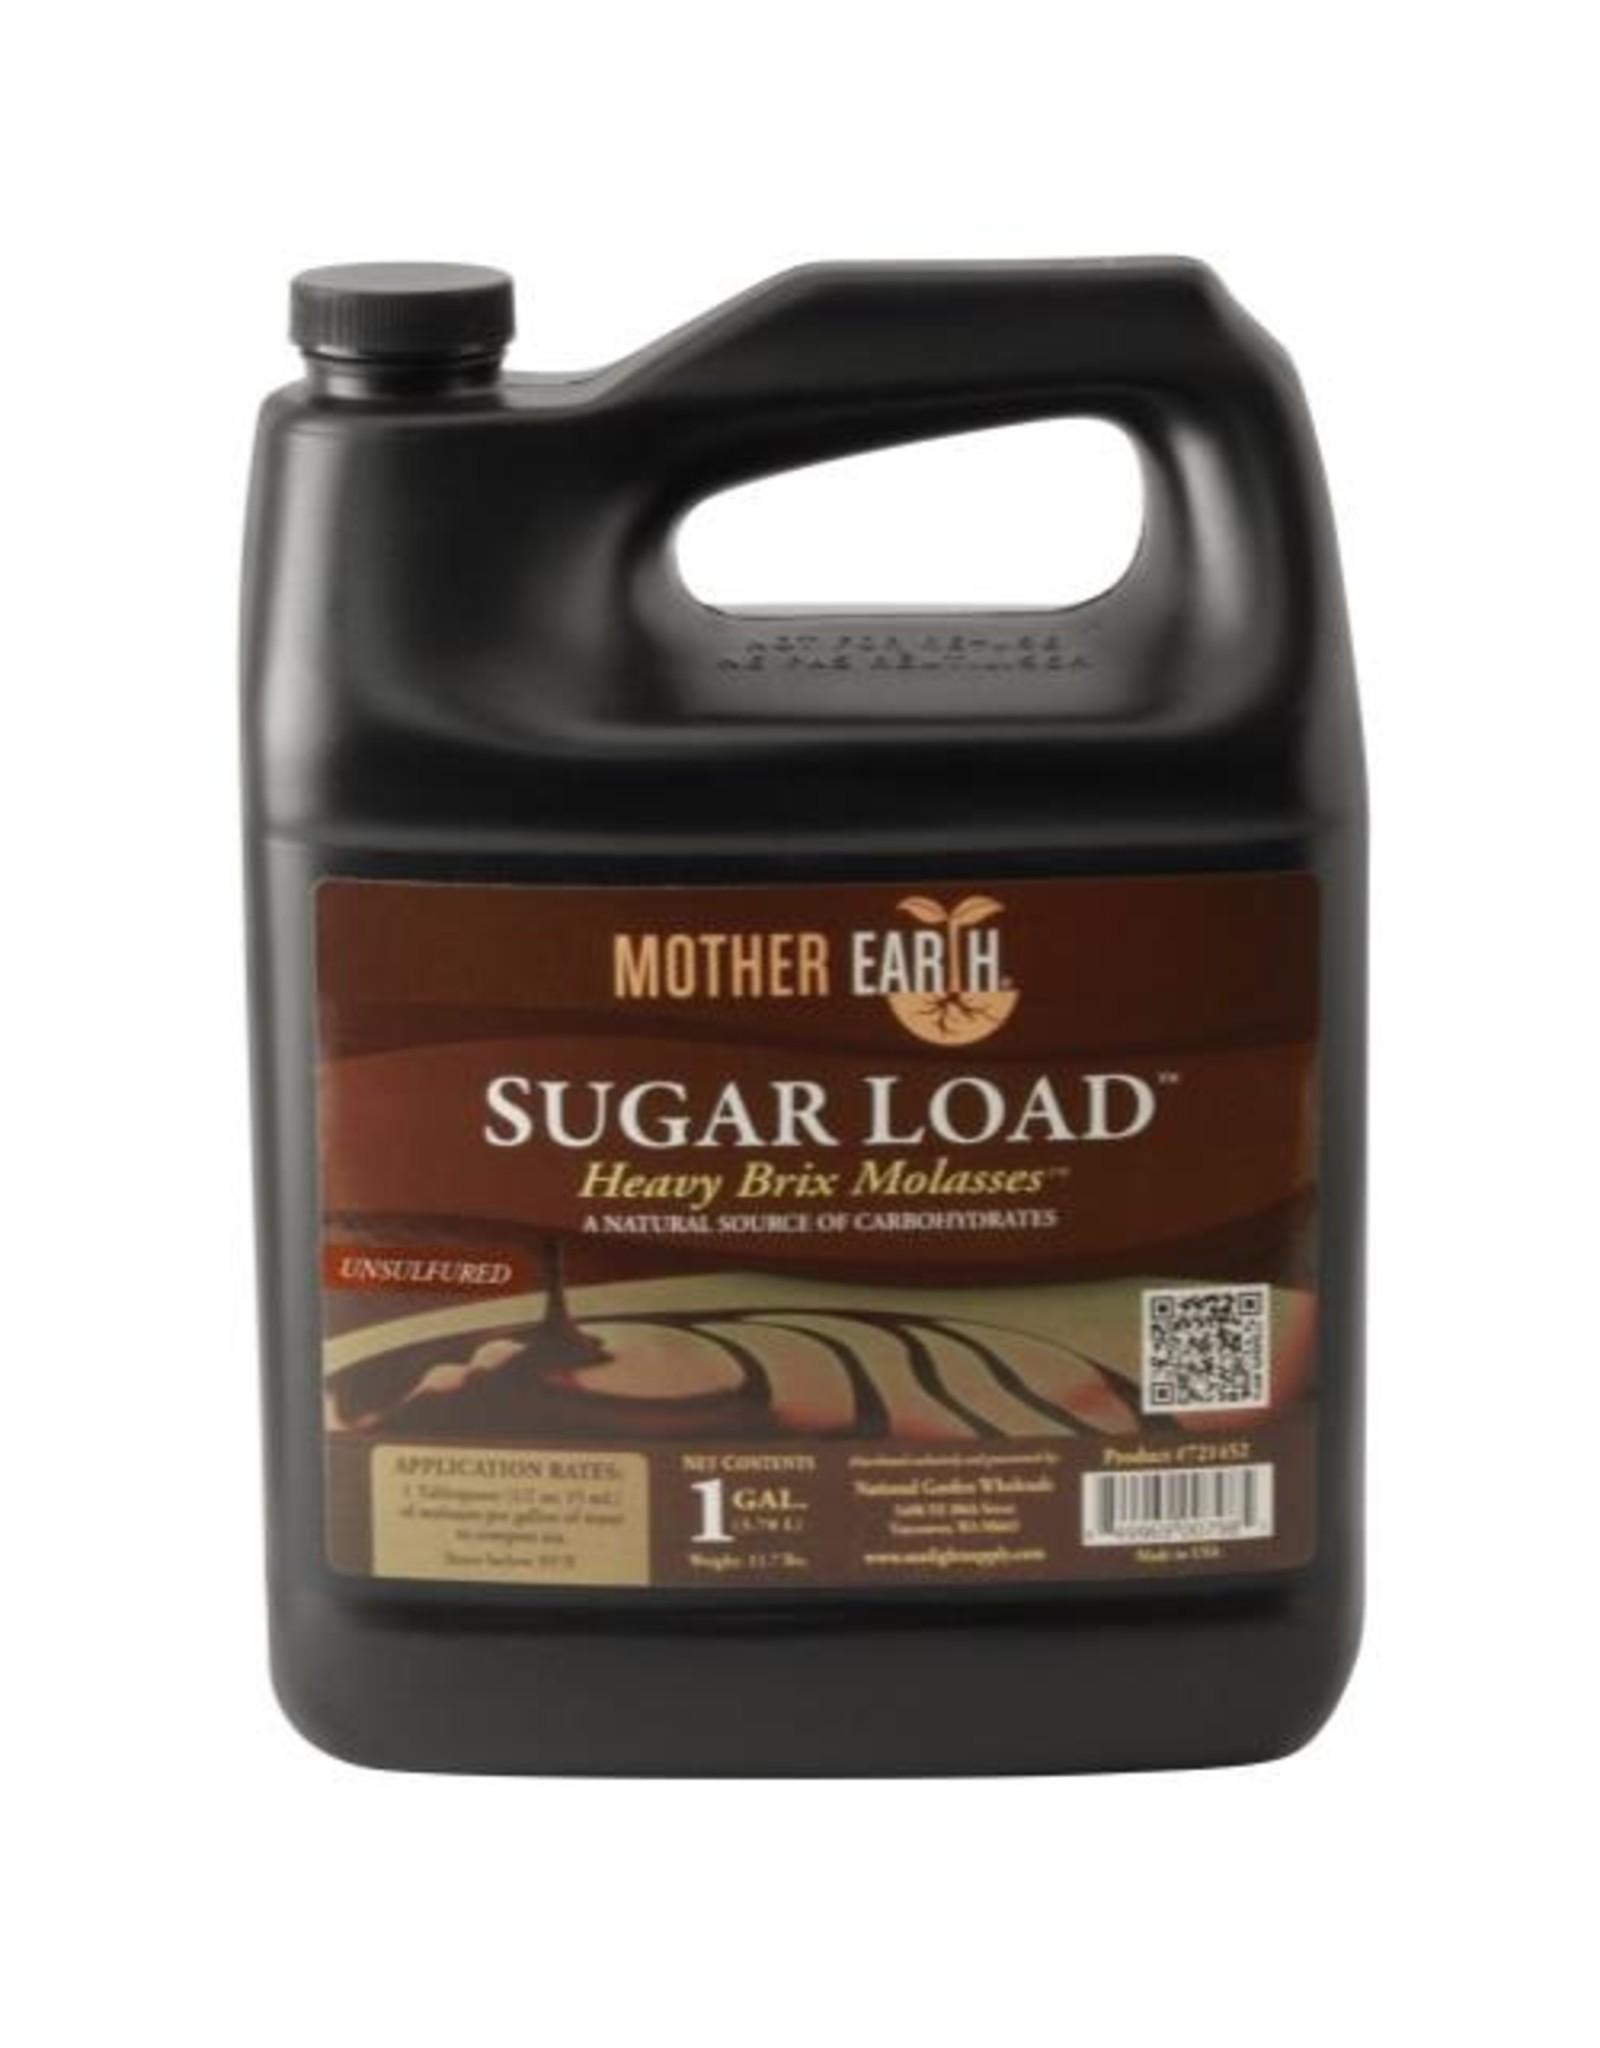 Mother Earth Sugar Load Heavy Brix Molasses Gal